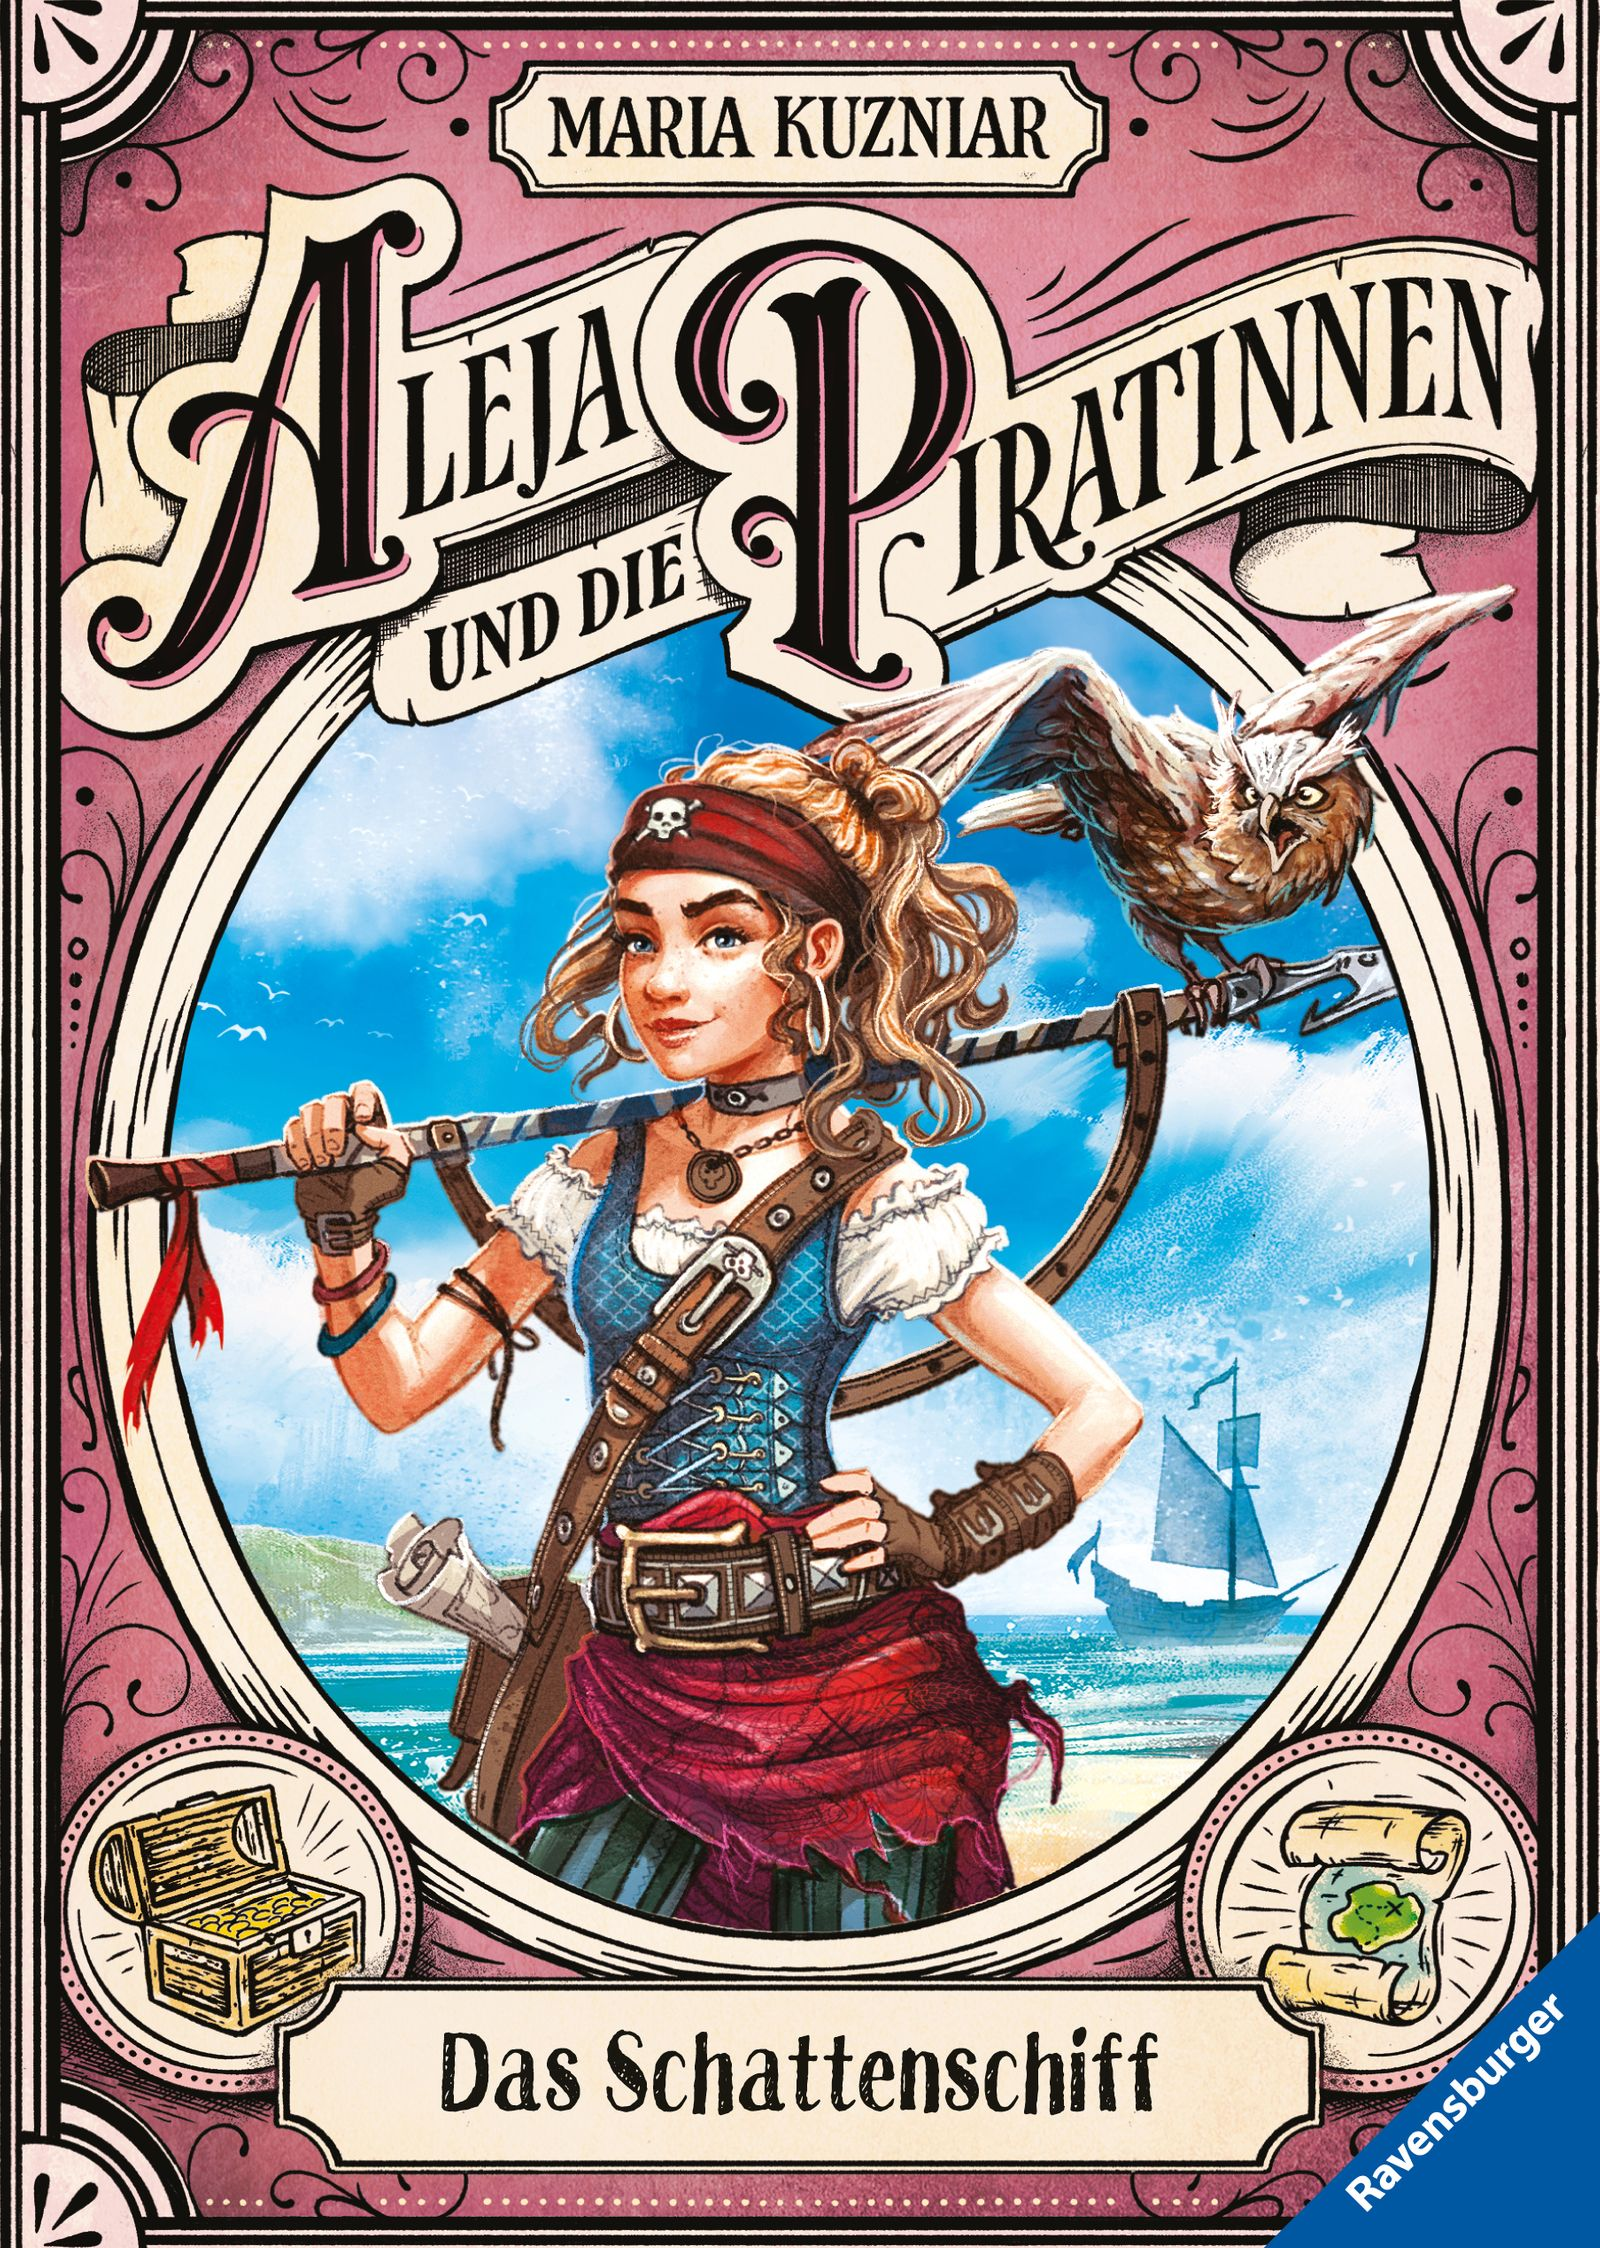 40845_Maria Kuzinar_Aleja und die Piratinnen_ Das Schattenschiff